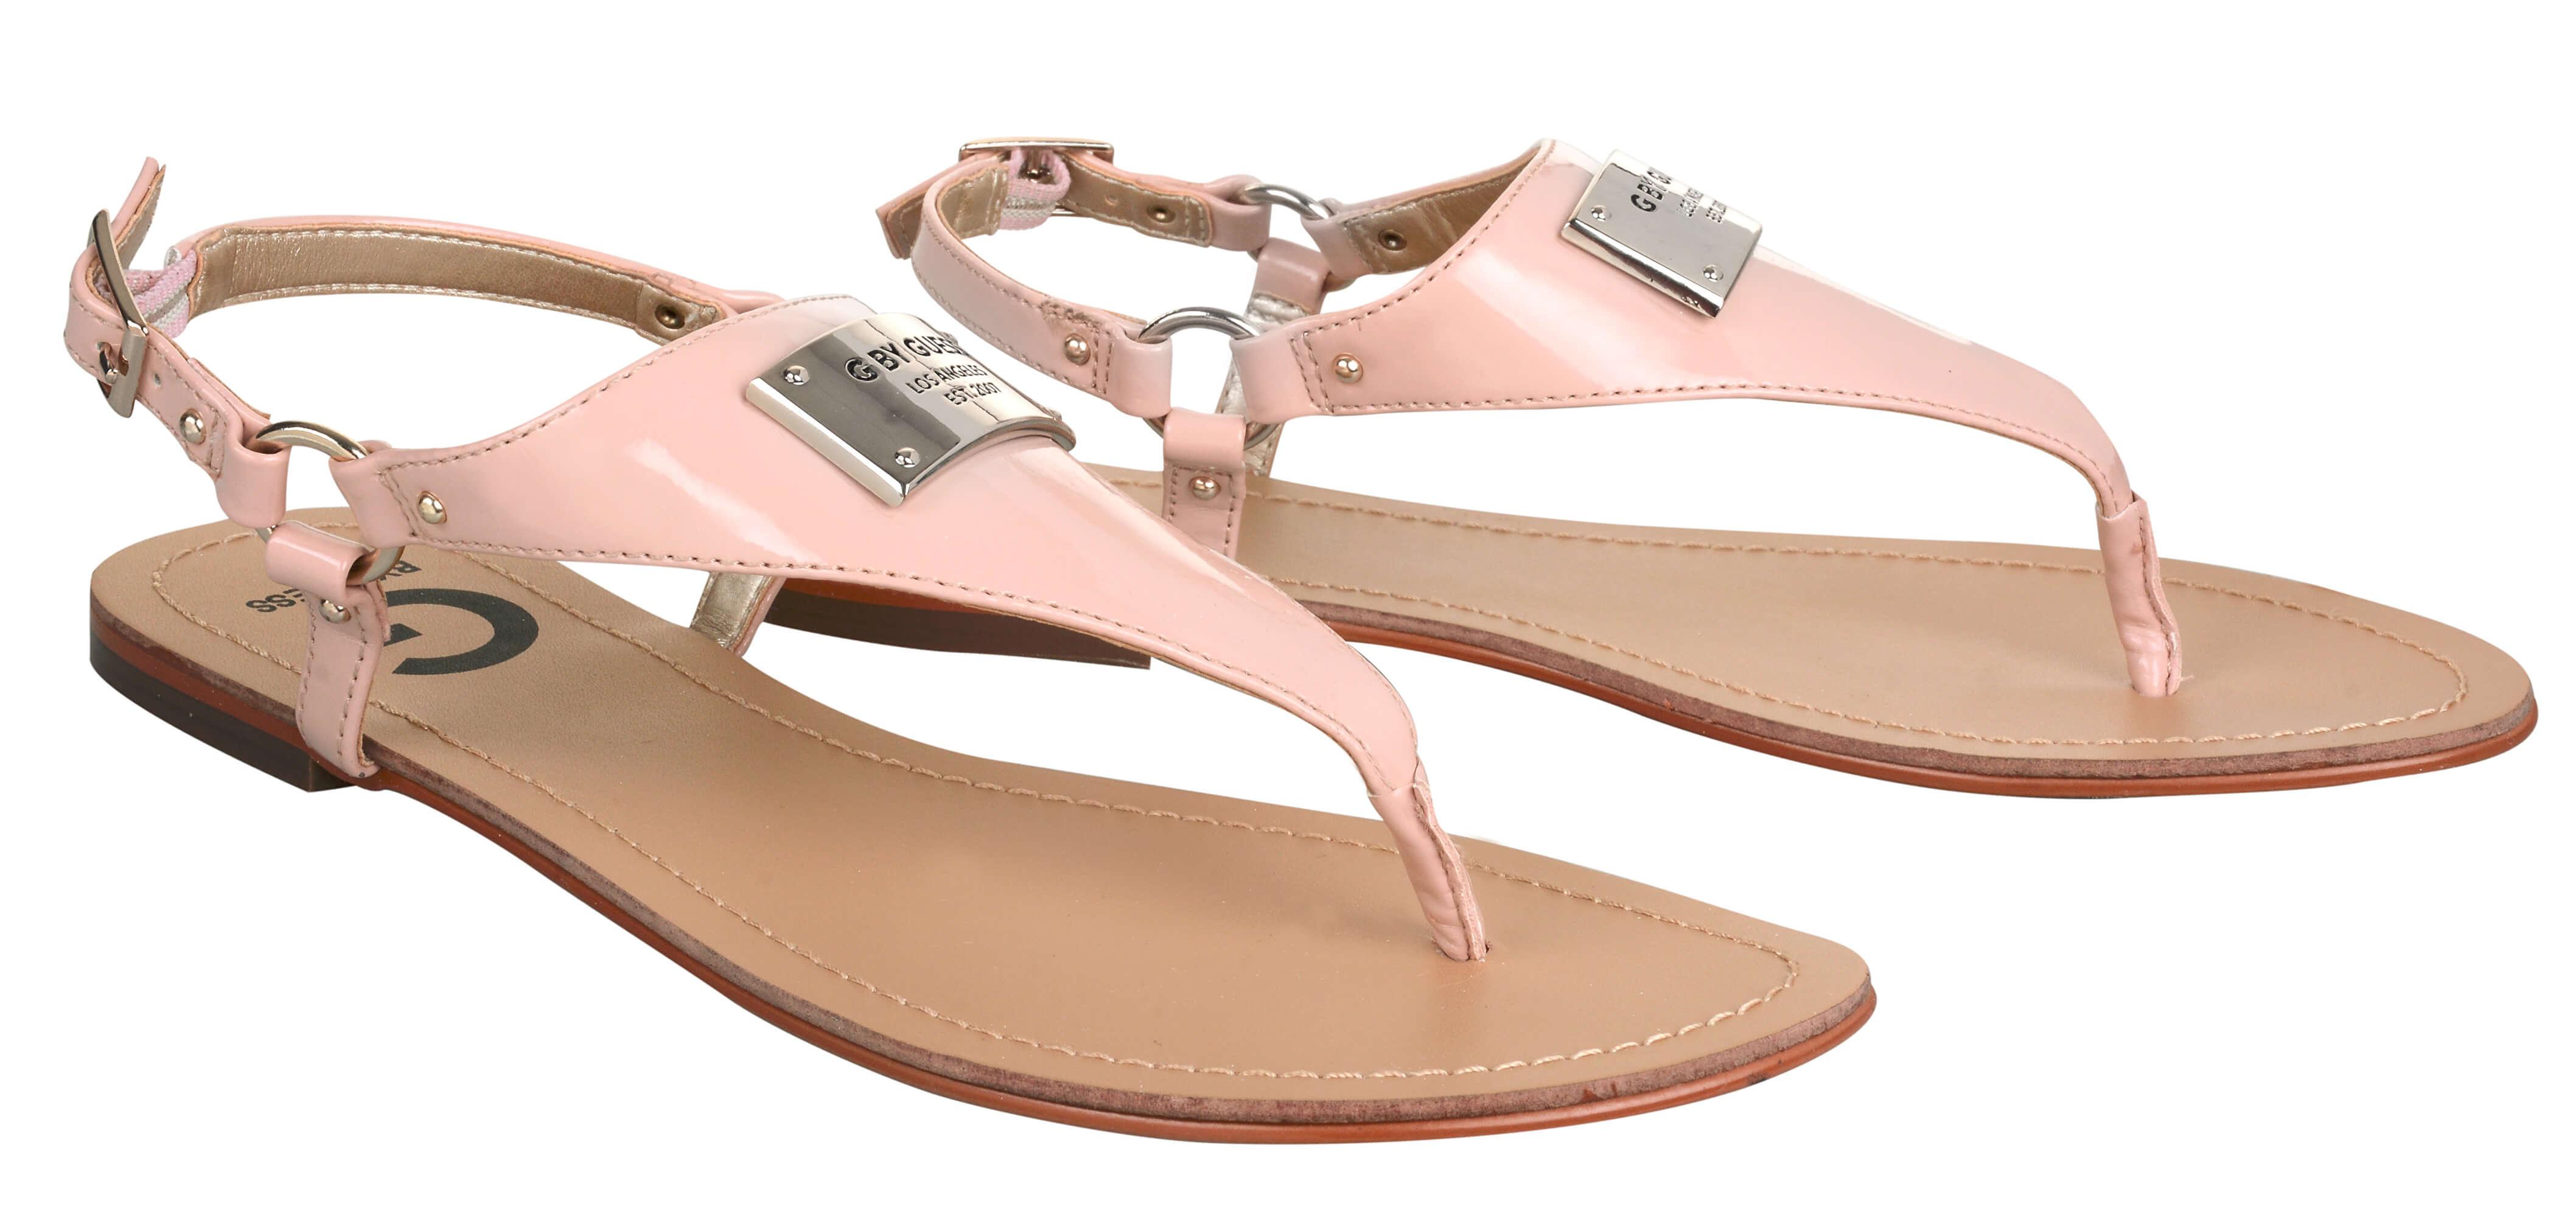 Guess Sandale pentru femei G de către Guess Karmin Faux-Leather ... 7b5d35ec760